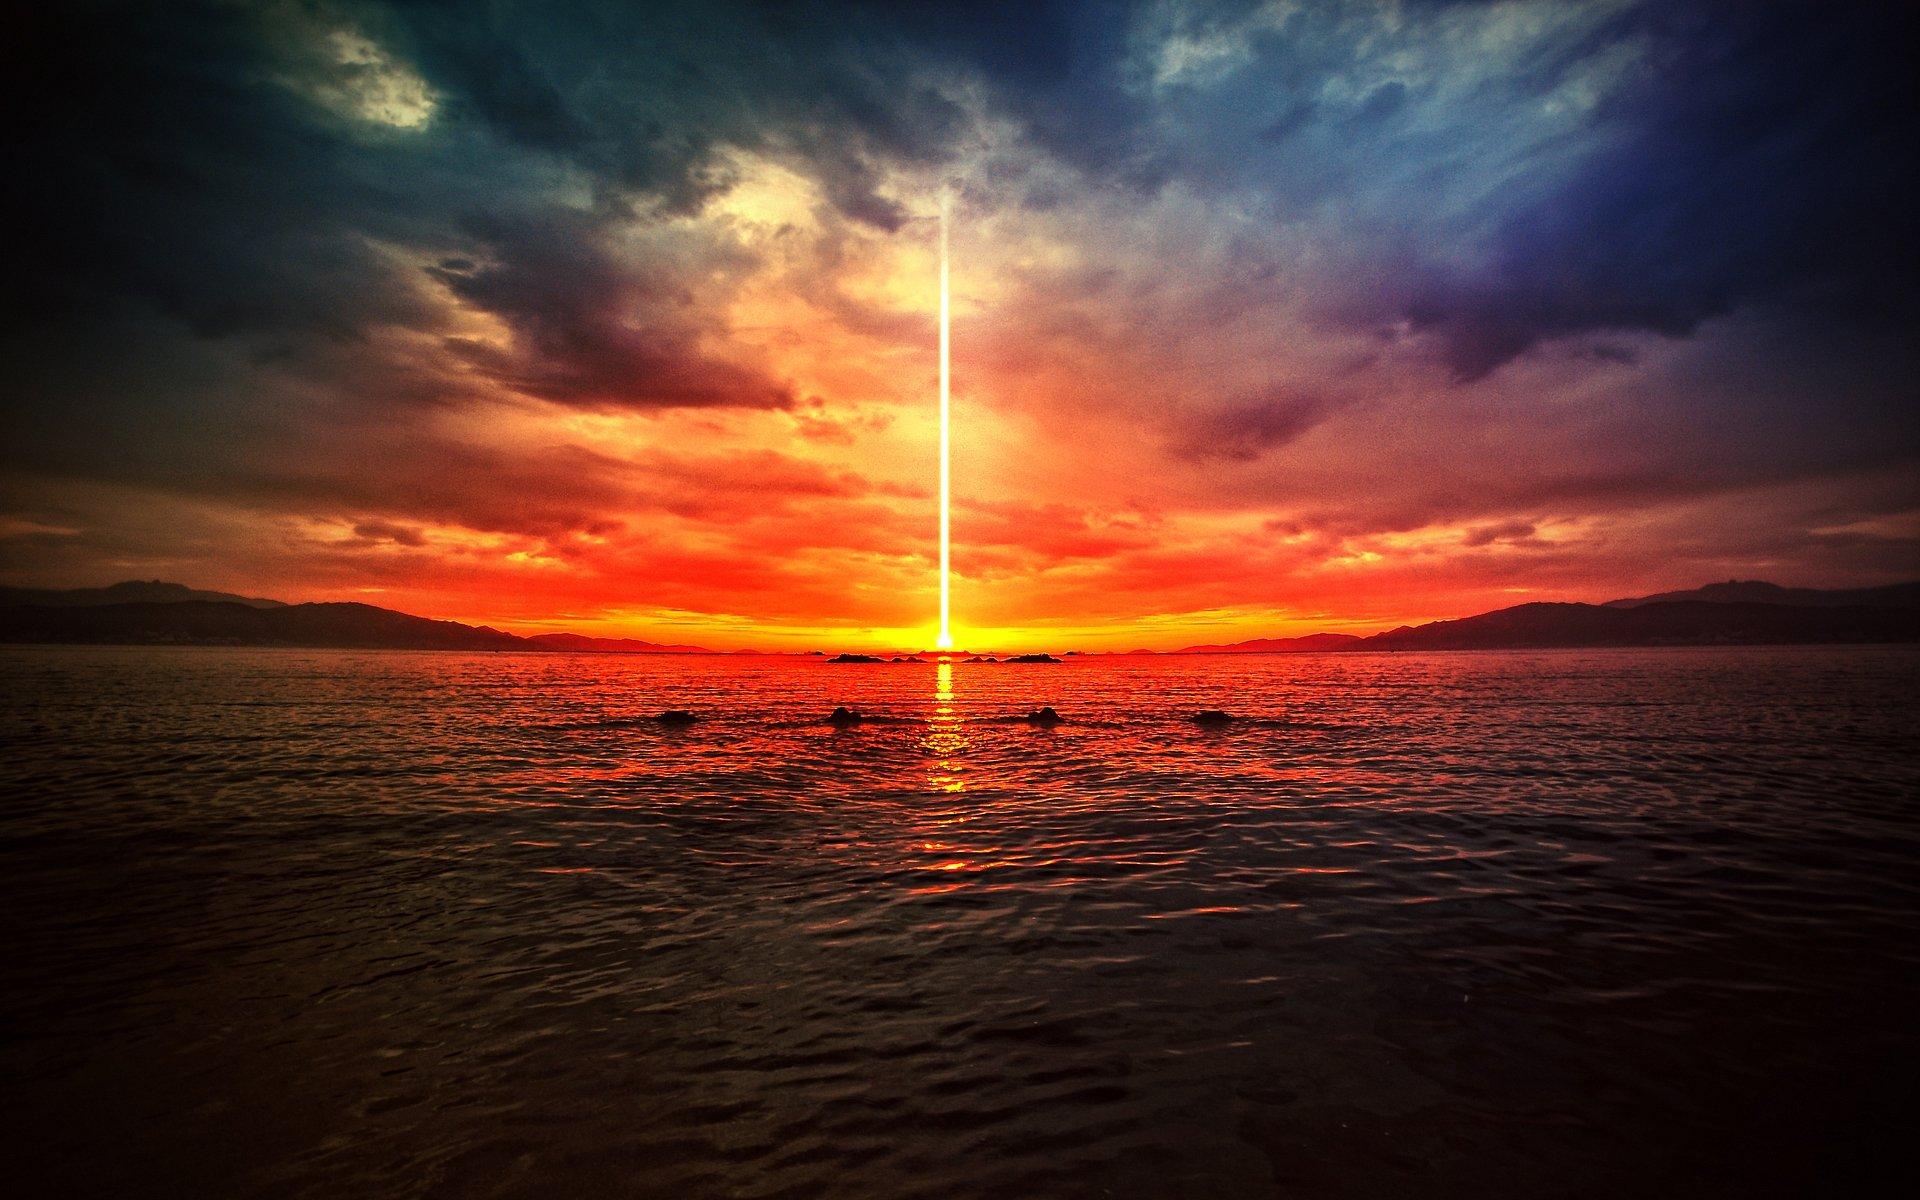 на смотри на горизонт в ожидании конца света